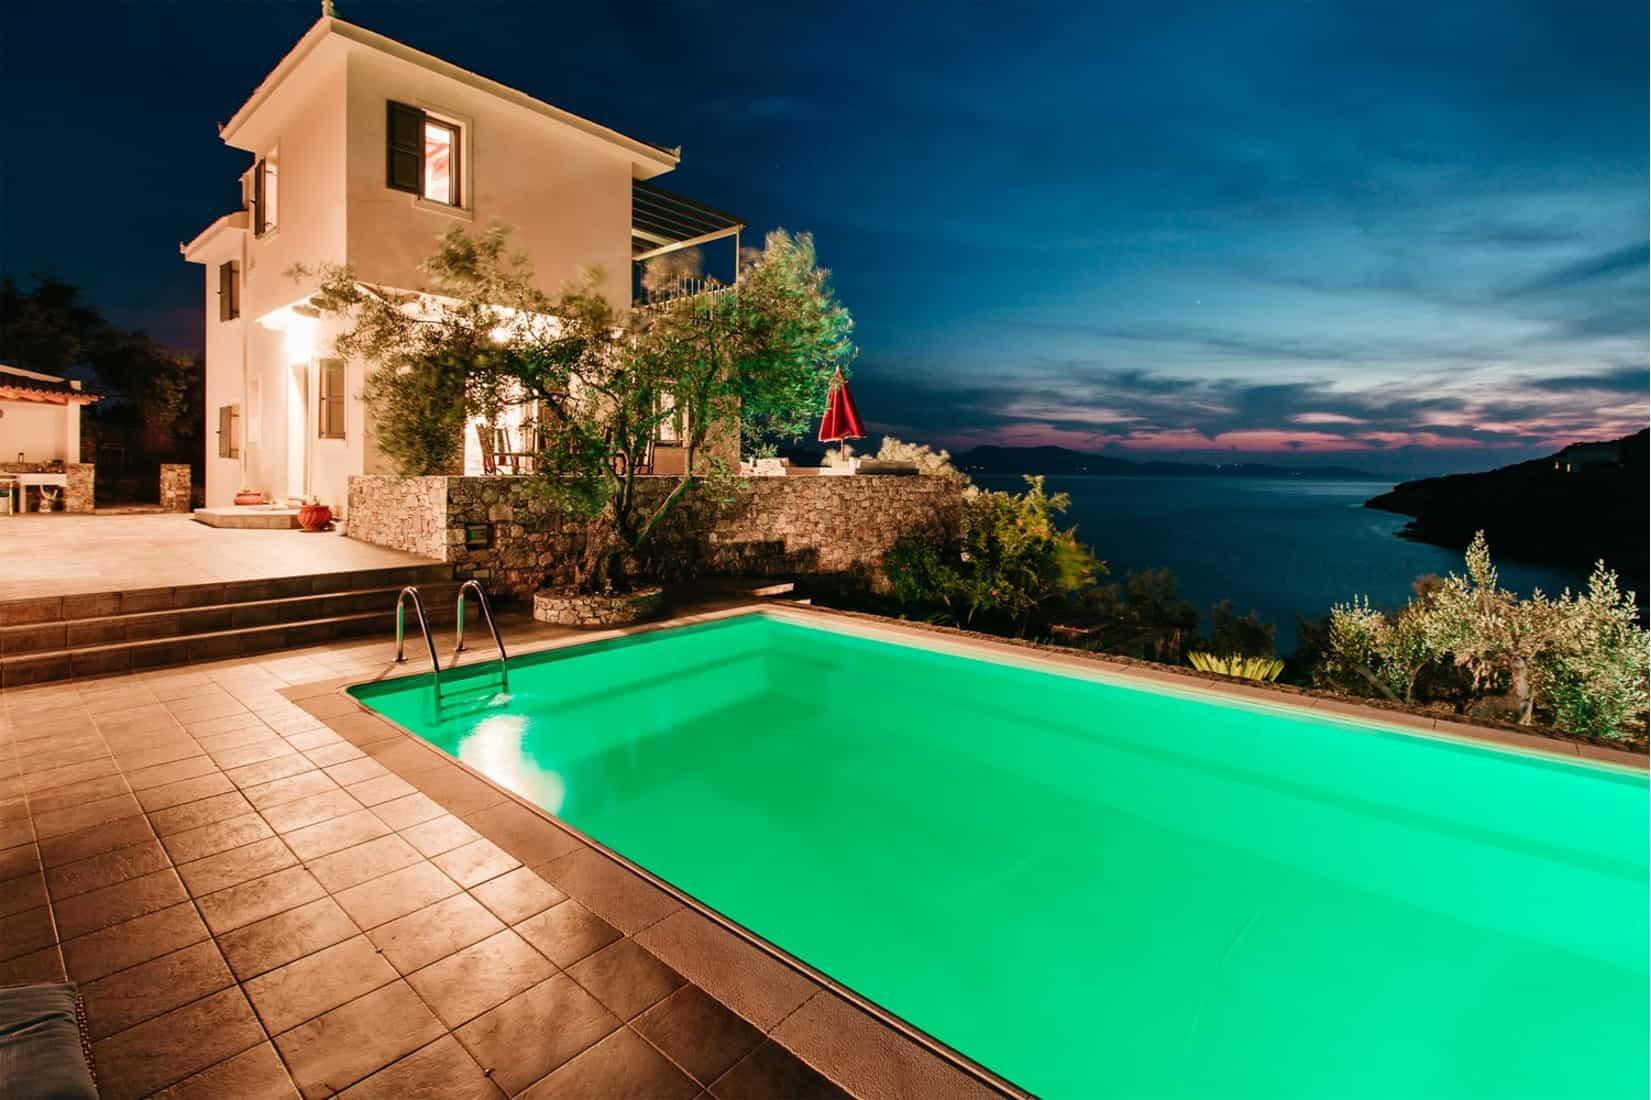 Villa Sabbia